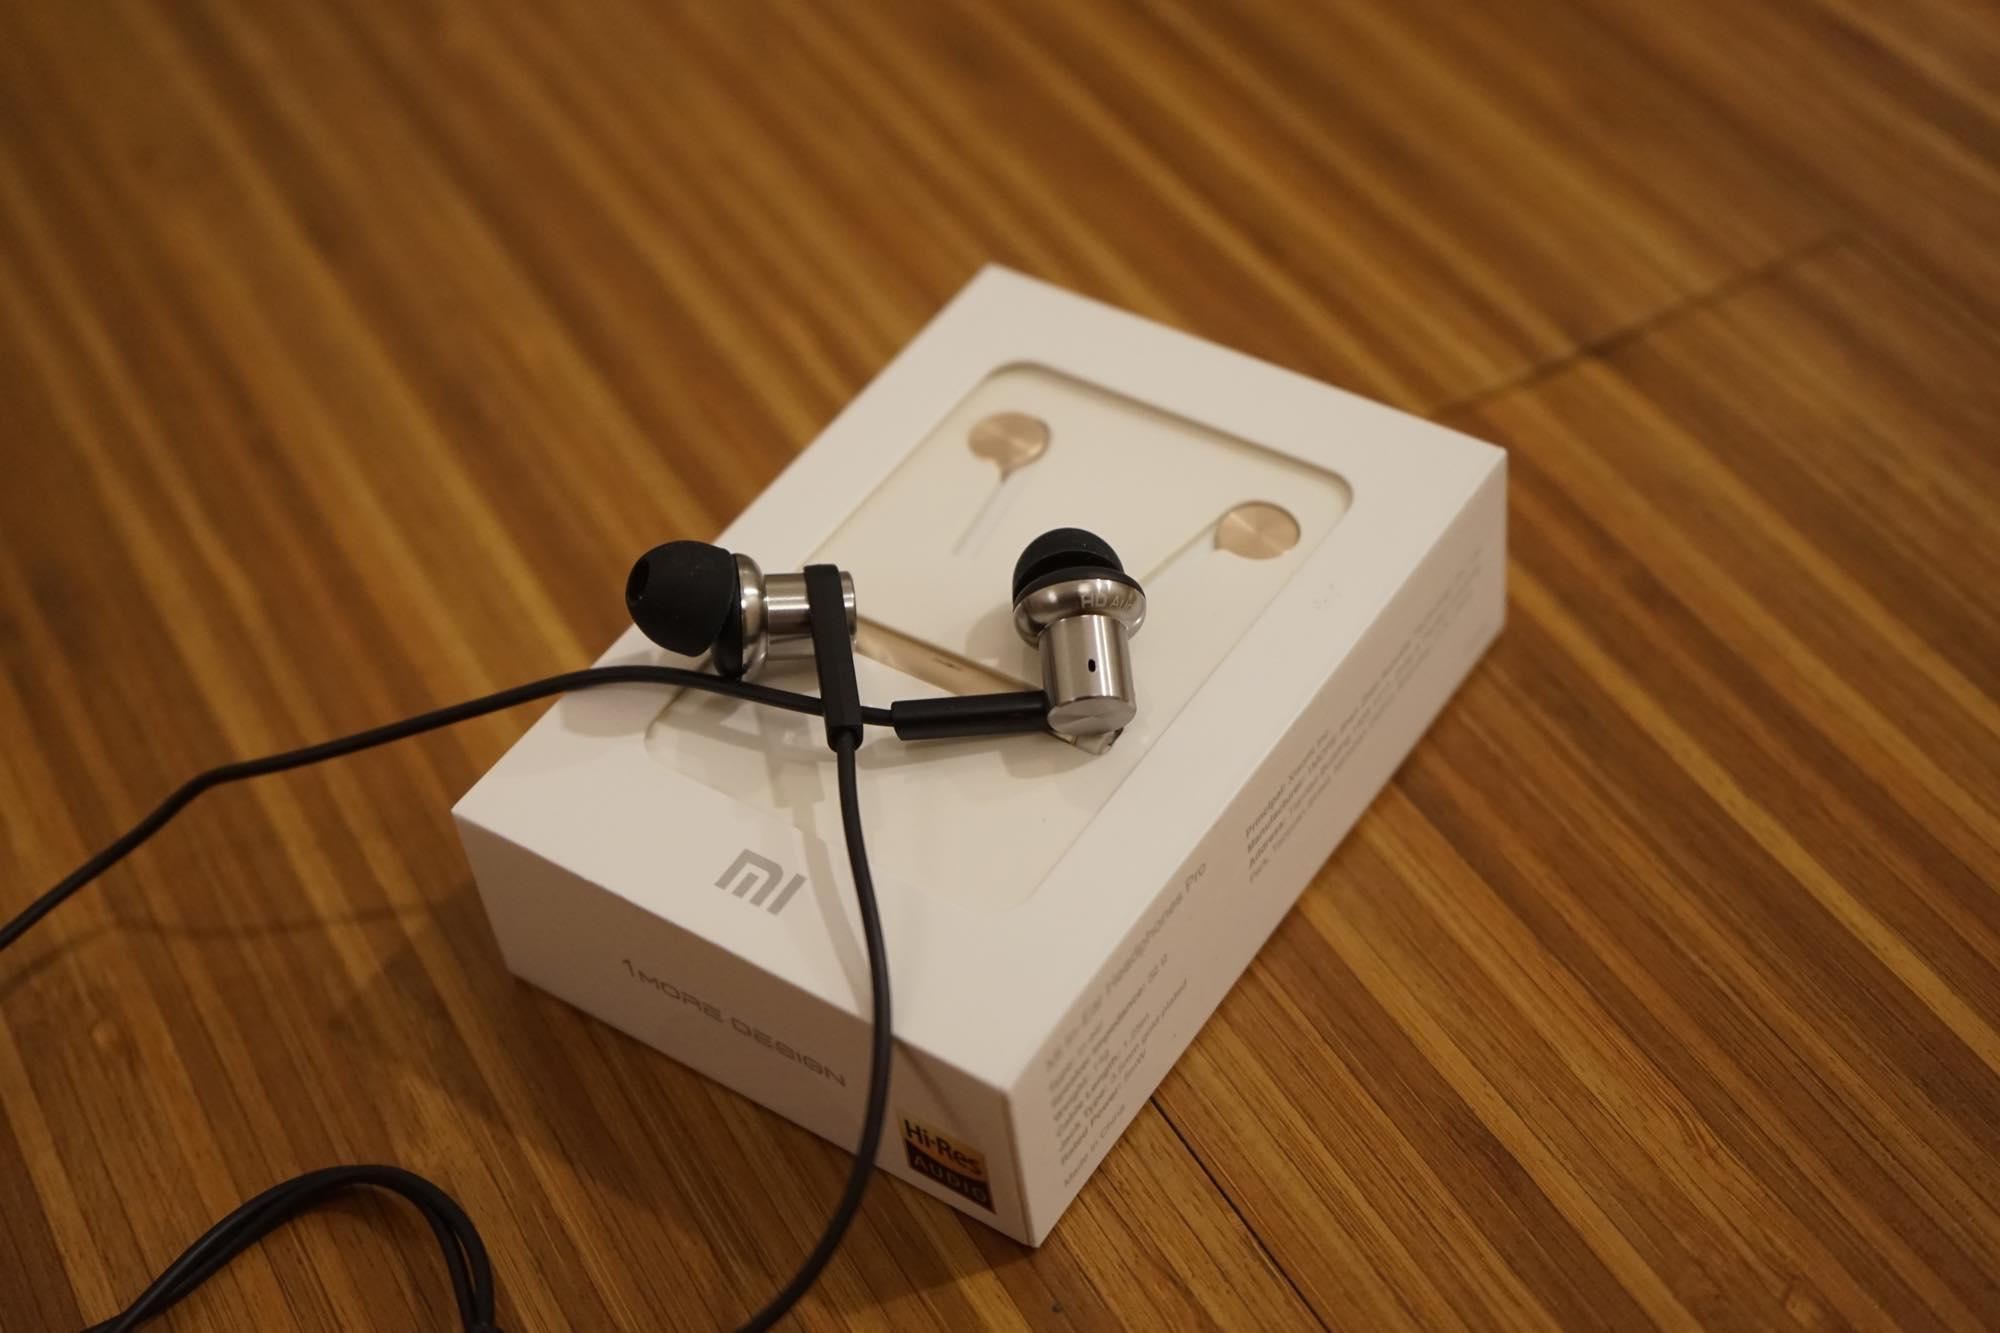 th_Mi-In-Ear-Headphones-Pro4